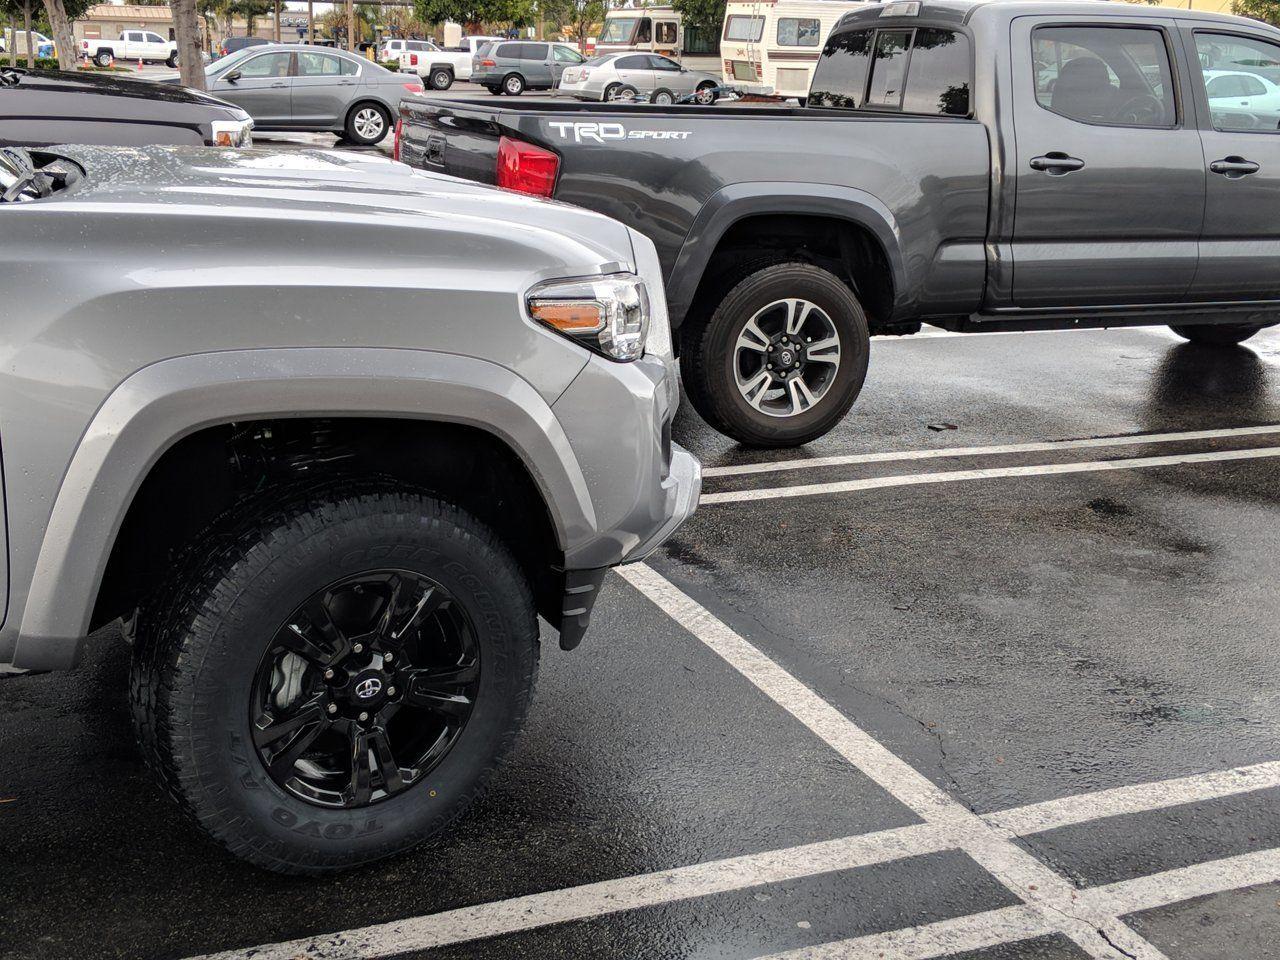 2018 Trd Sport Wheels Painted Black Trd Aftermarket Wheels Black Wheels